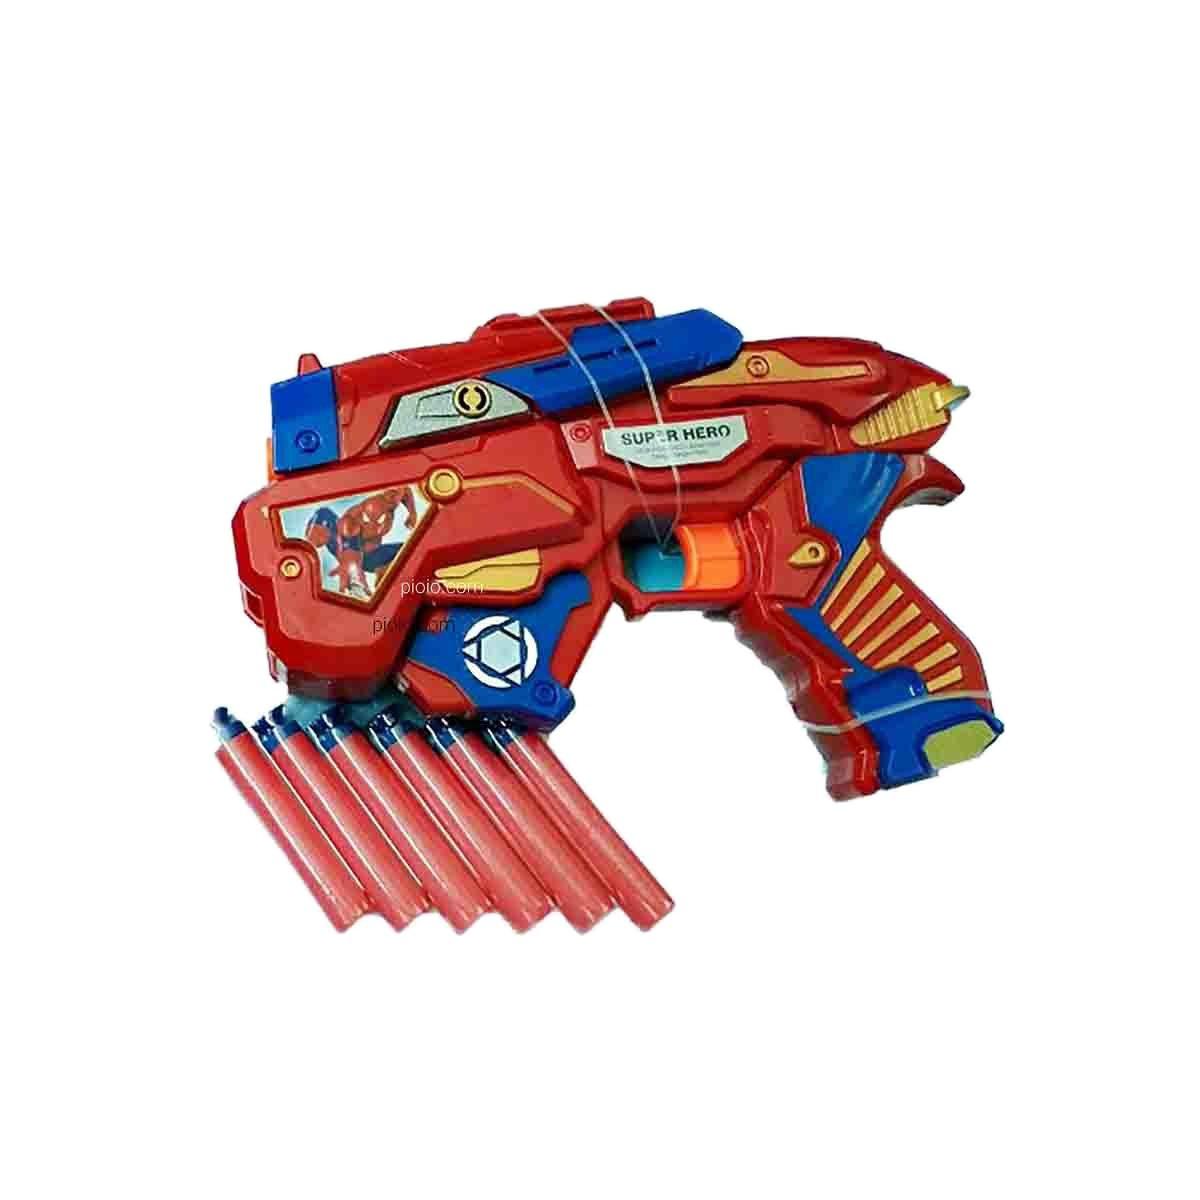 تفنگ بازی مدل amazing spiderman کد 5466